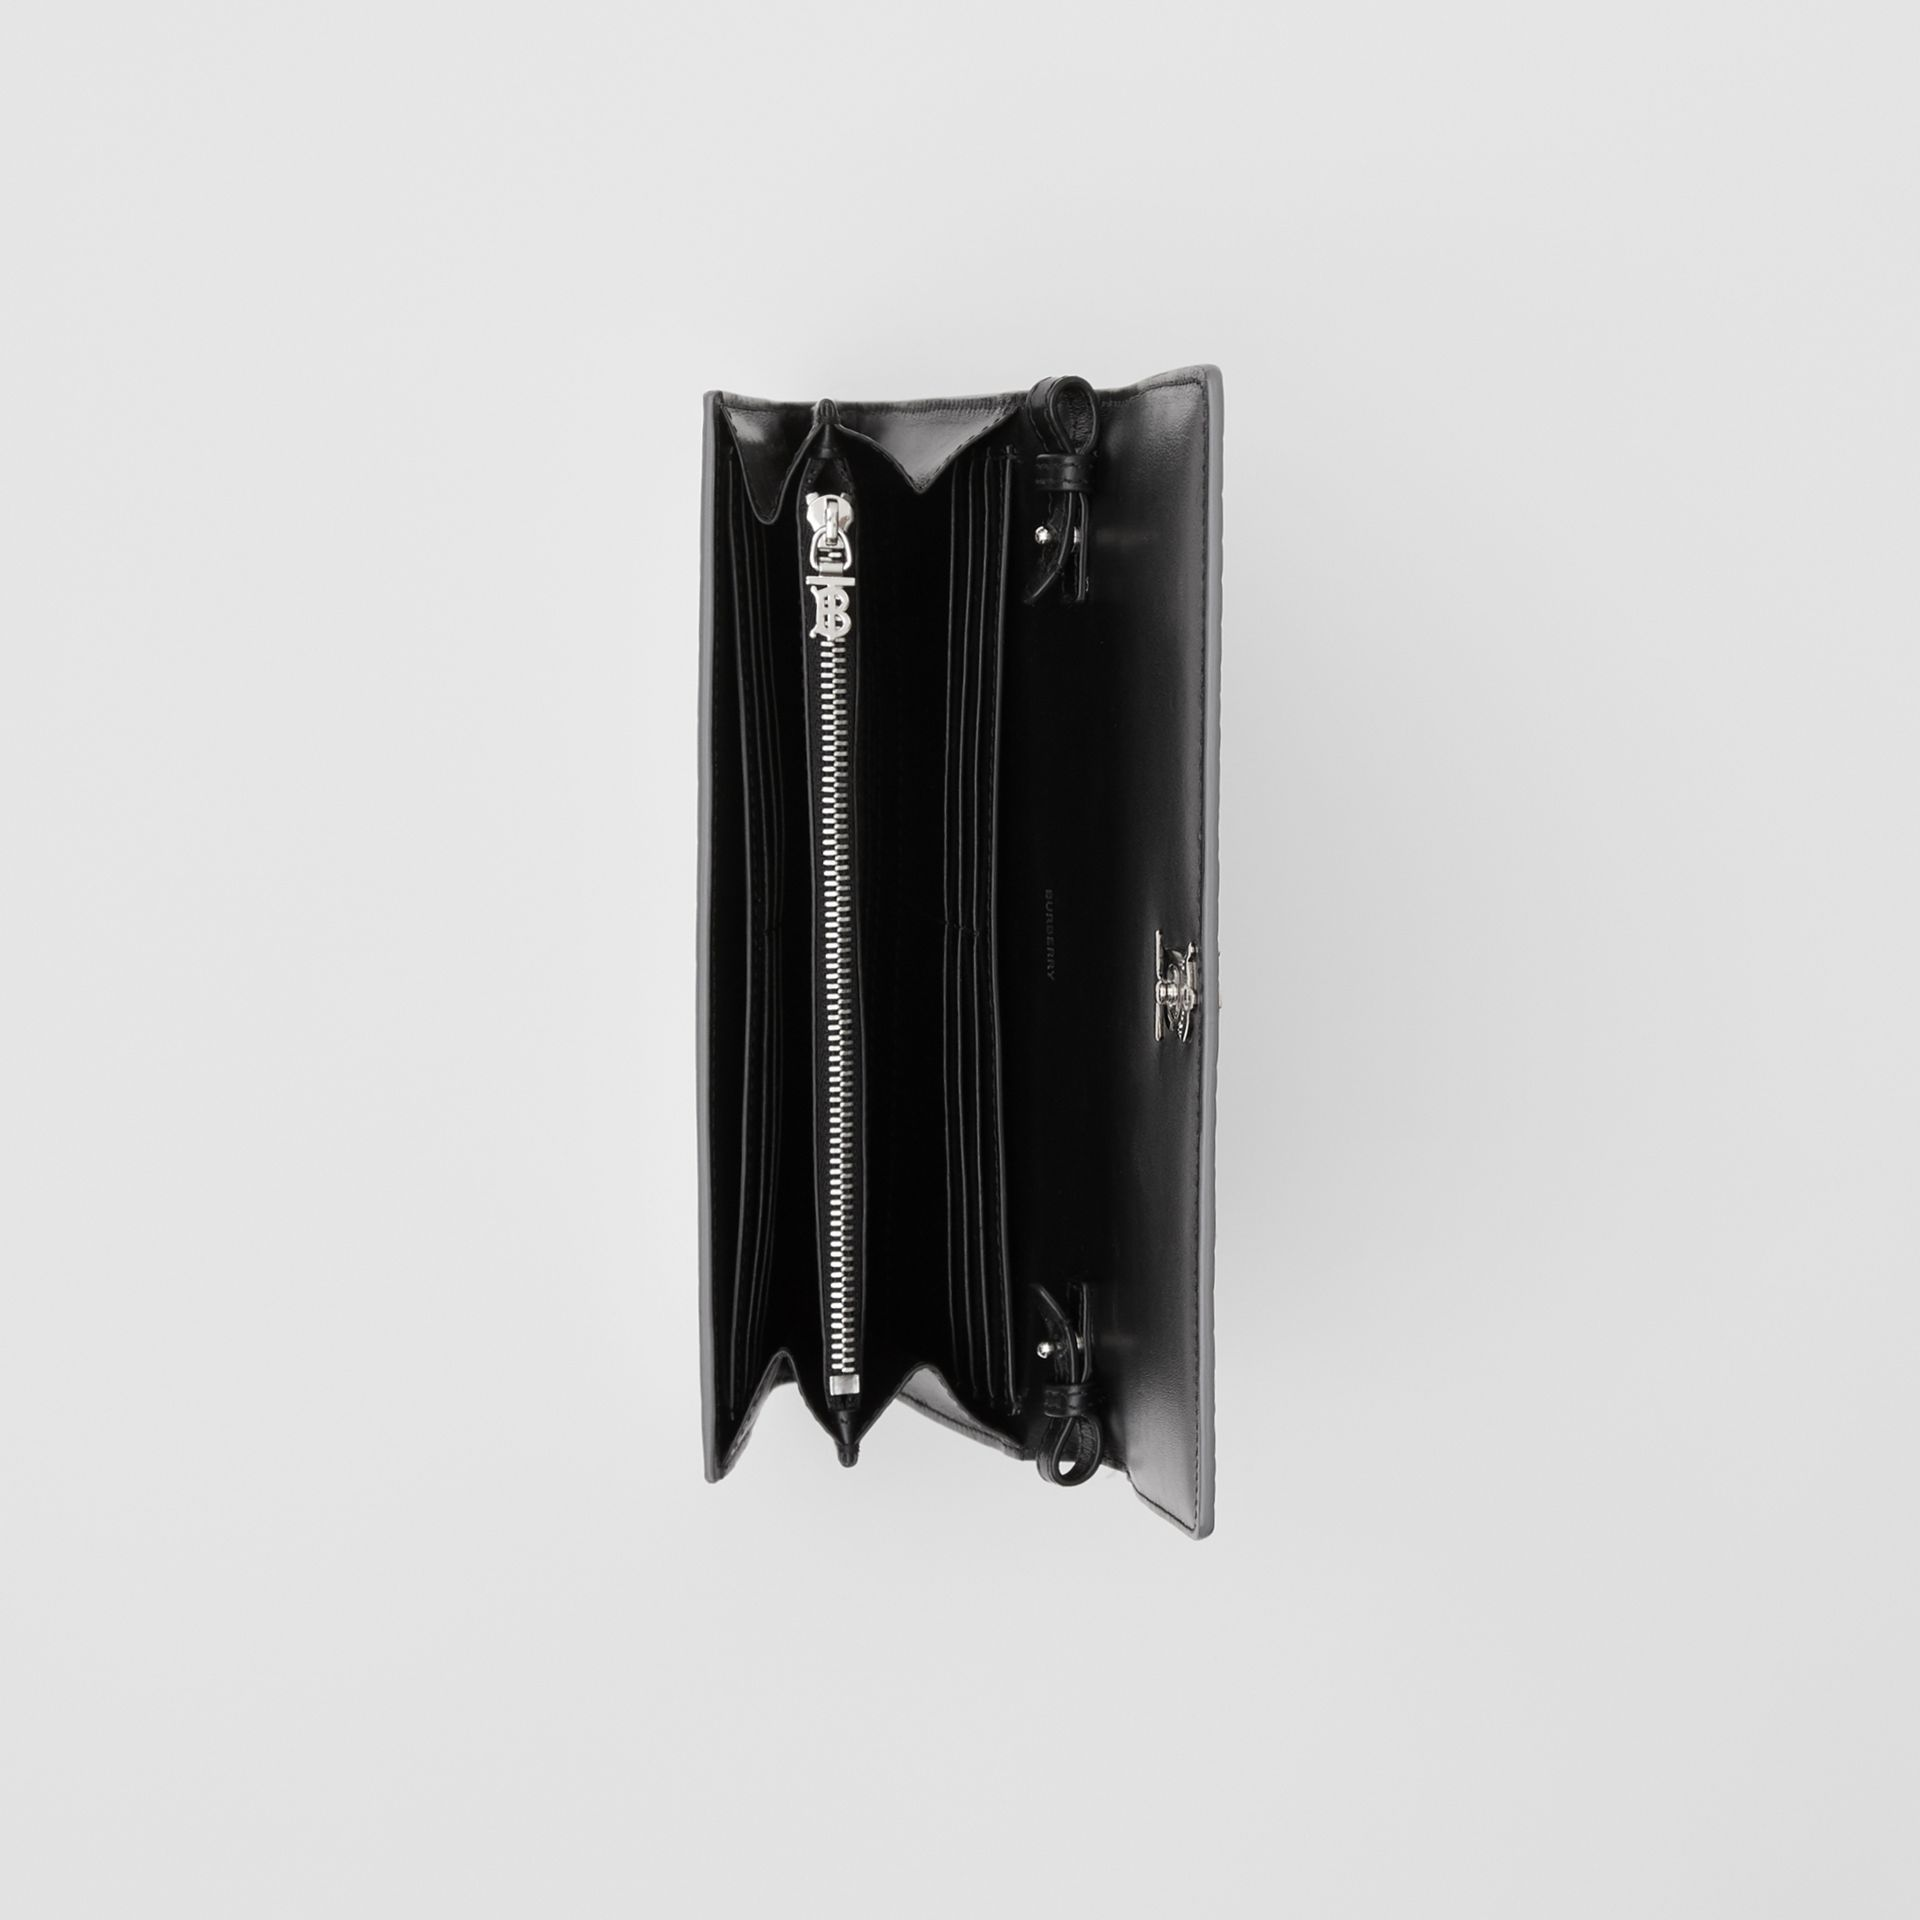 Portefeuille embossé métallisé avec sangle amovible (Argent) - Femme | Burberry - photo de la galerie 4